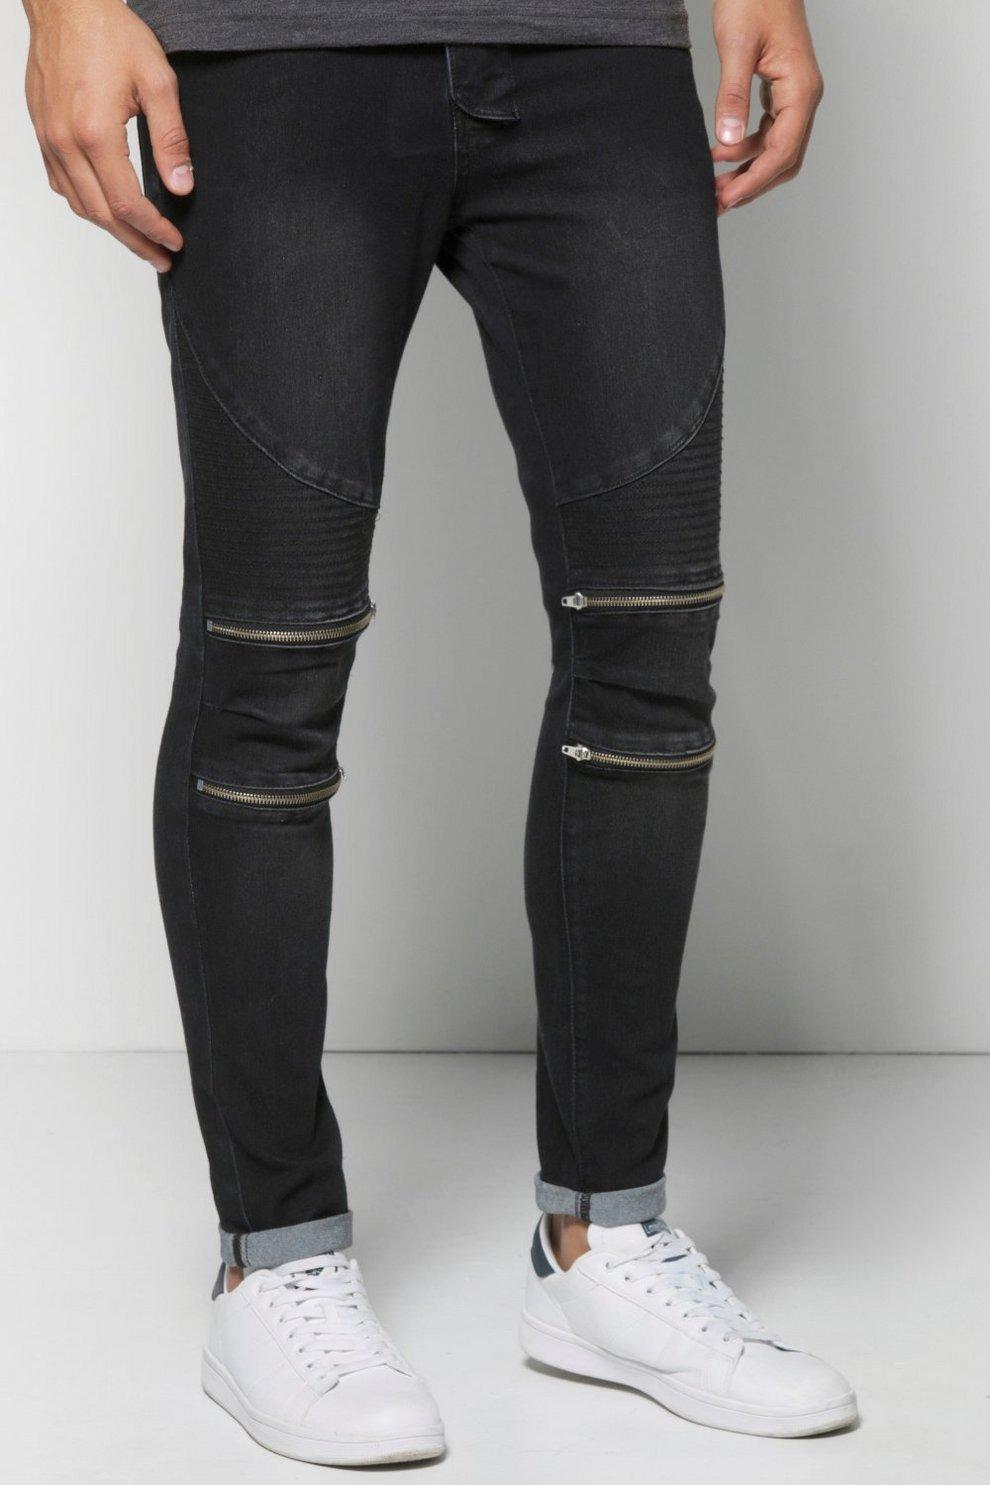 Skinny Fit Zip Knee Biker Jeans